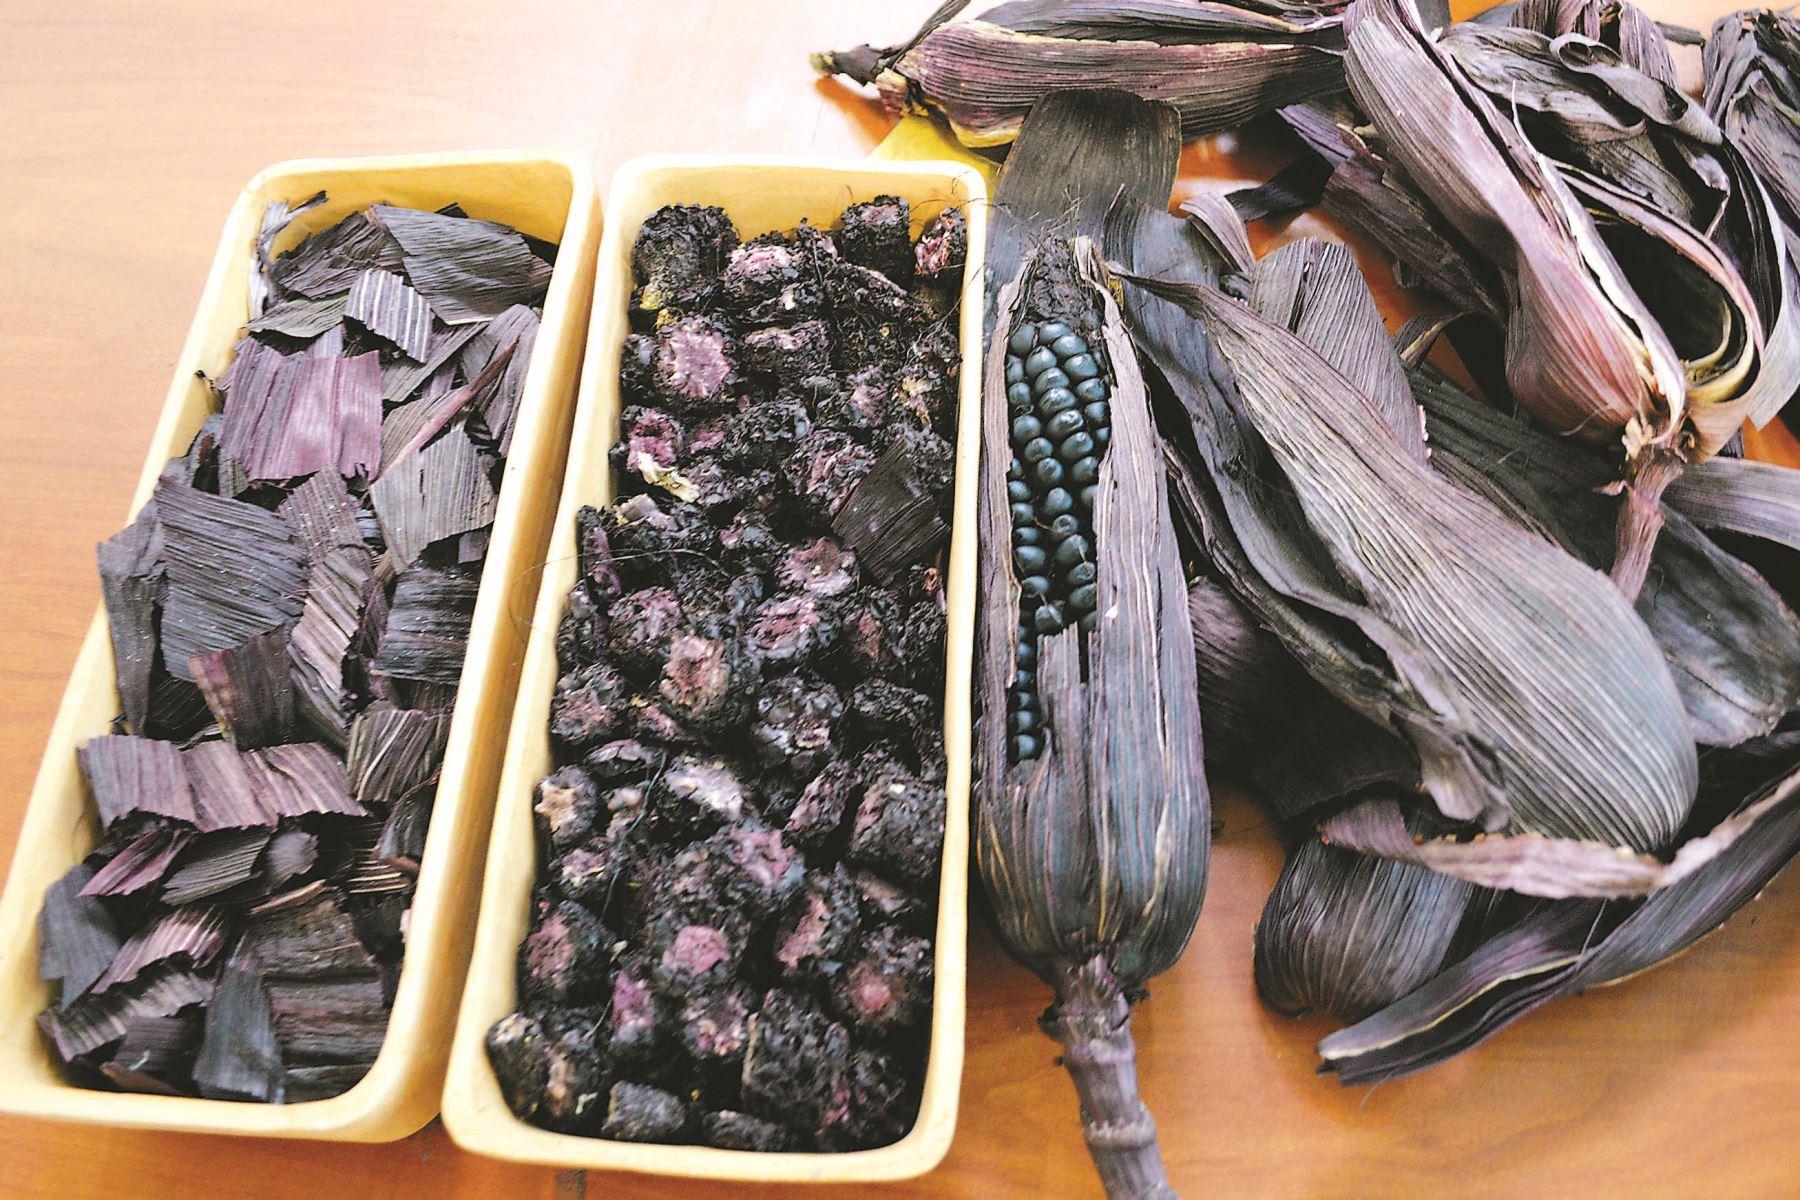 En el futuro, el maíz morado será tendencia entre los productos más requeridos para prevenir algunos tipos de cáncer, además de disminuir la presión alta y el colesterol. Entre las variedades de este singular grano andino existe una especial: la INIA 601, desarrollada por especialistas del Instituto Nacional de Innovación Agraria (INIA) de Cajamarca. Foto: ANDINA.